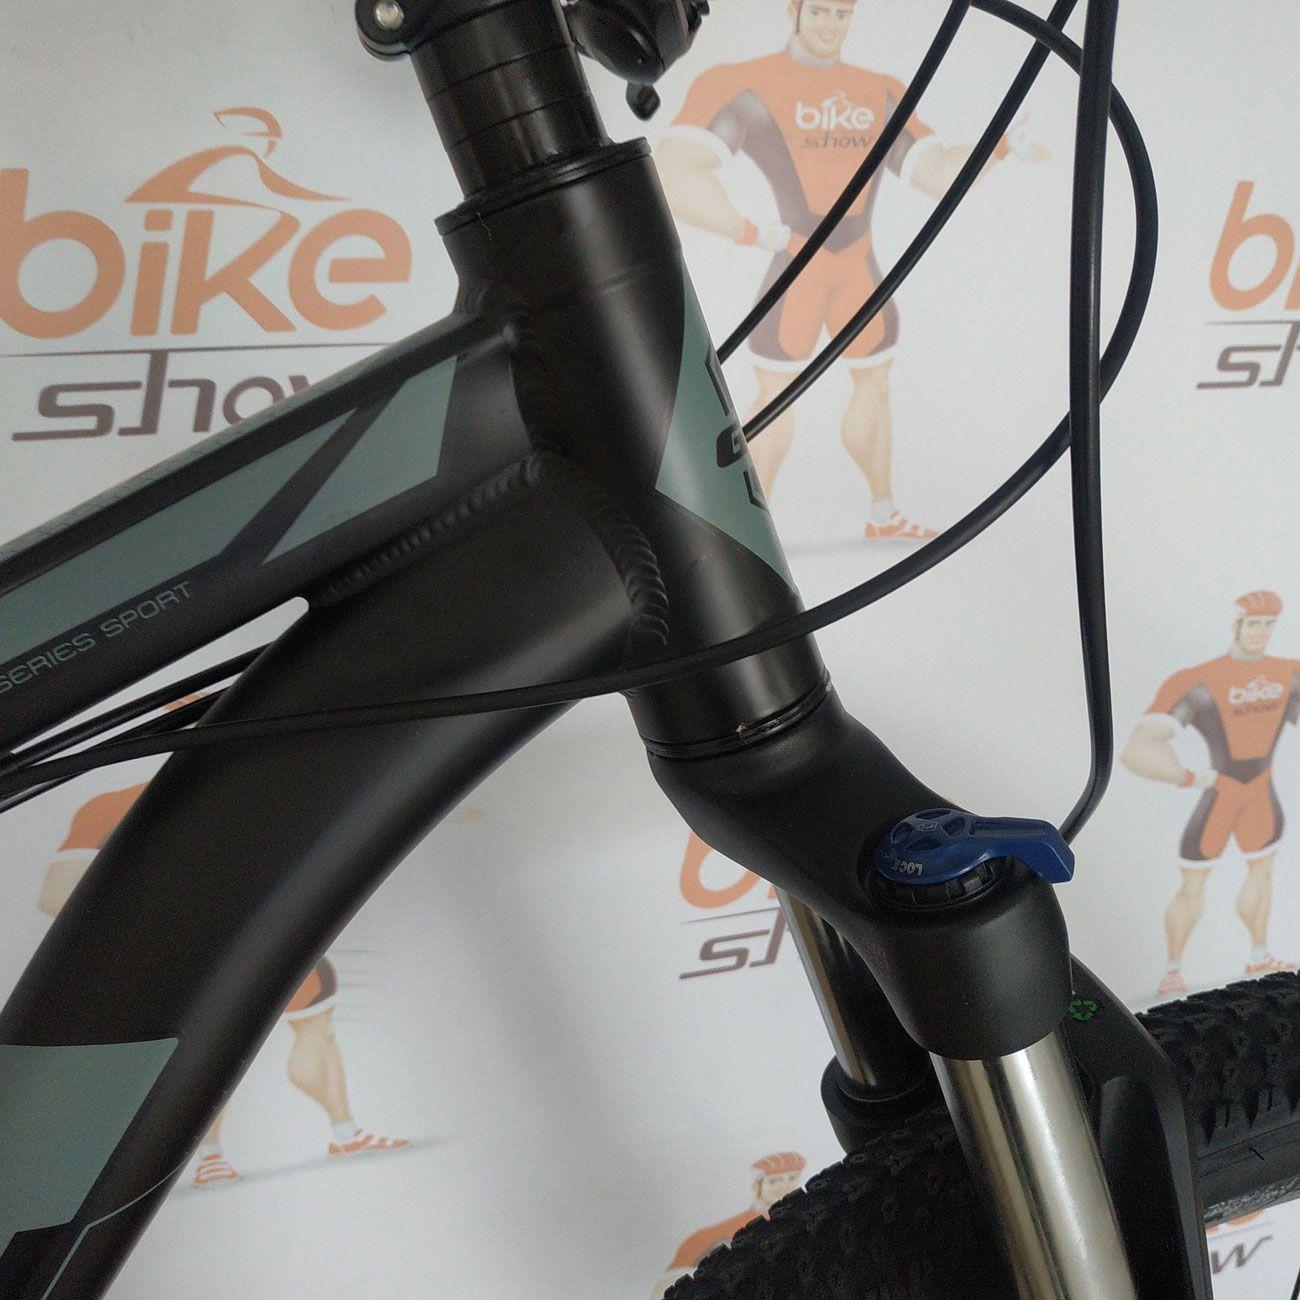 Bicicleta GTA NX11 aro 29 - 24v Shimano - Freio Hidráulico